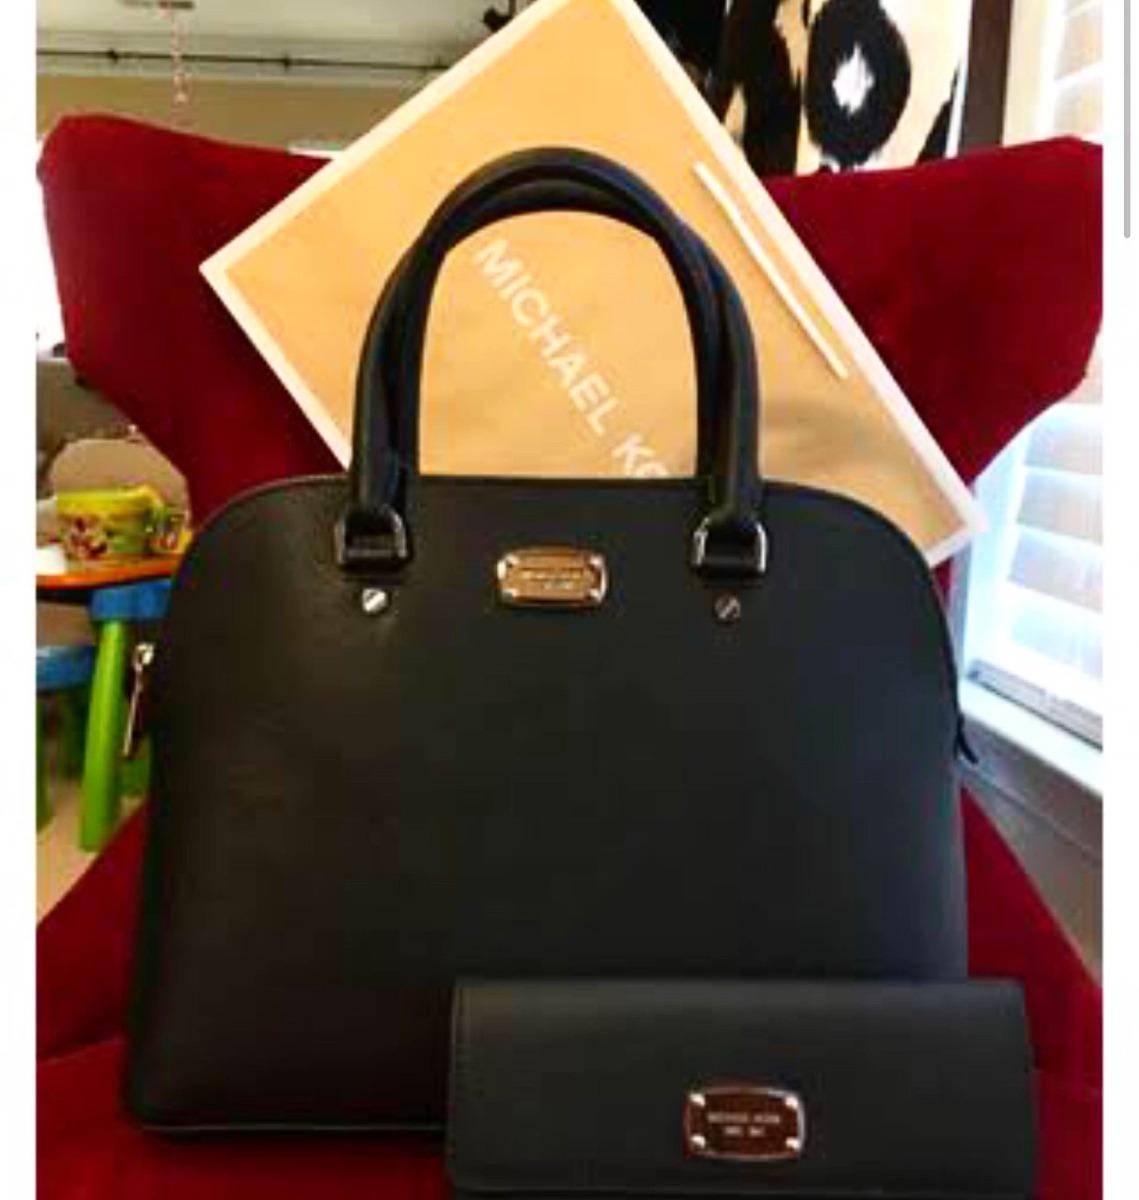 9d826bca5f7fb Promoção Bolsa Mk Michael Kors Cindy Original - R  800,00 em Mercado ...